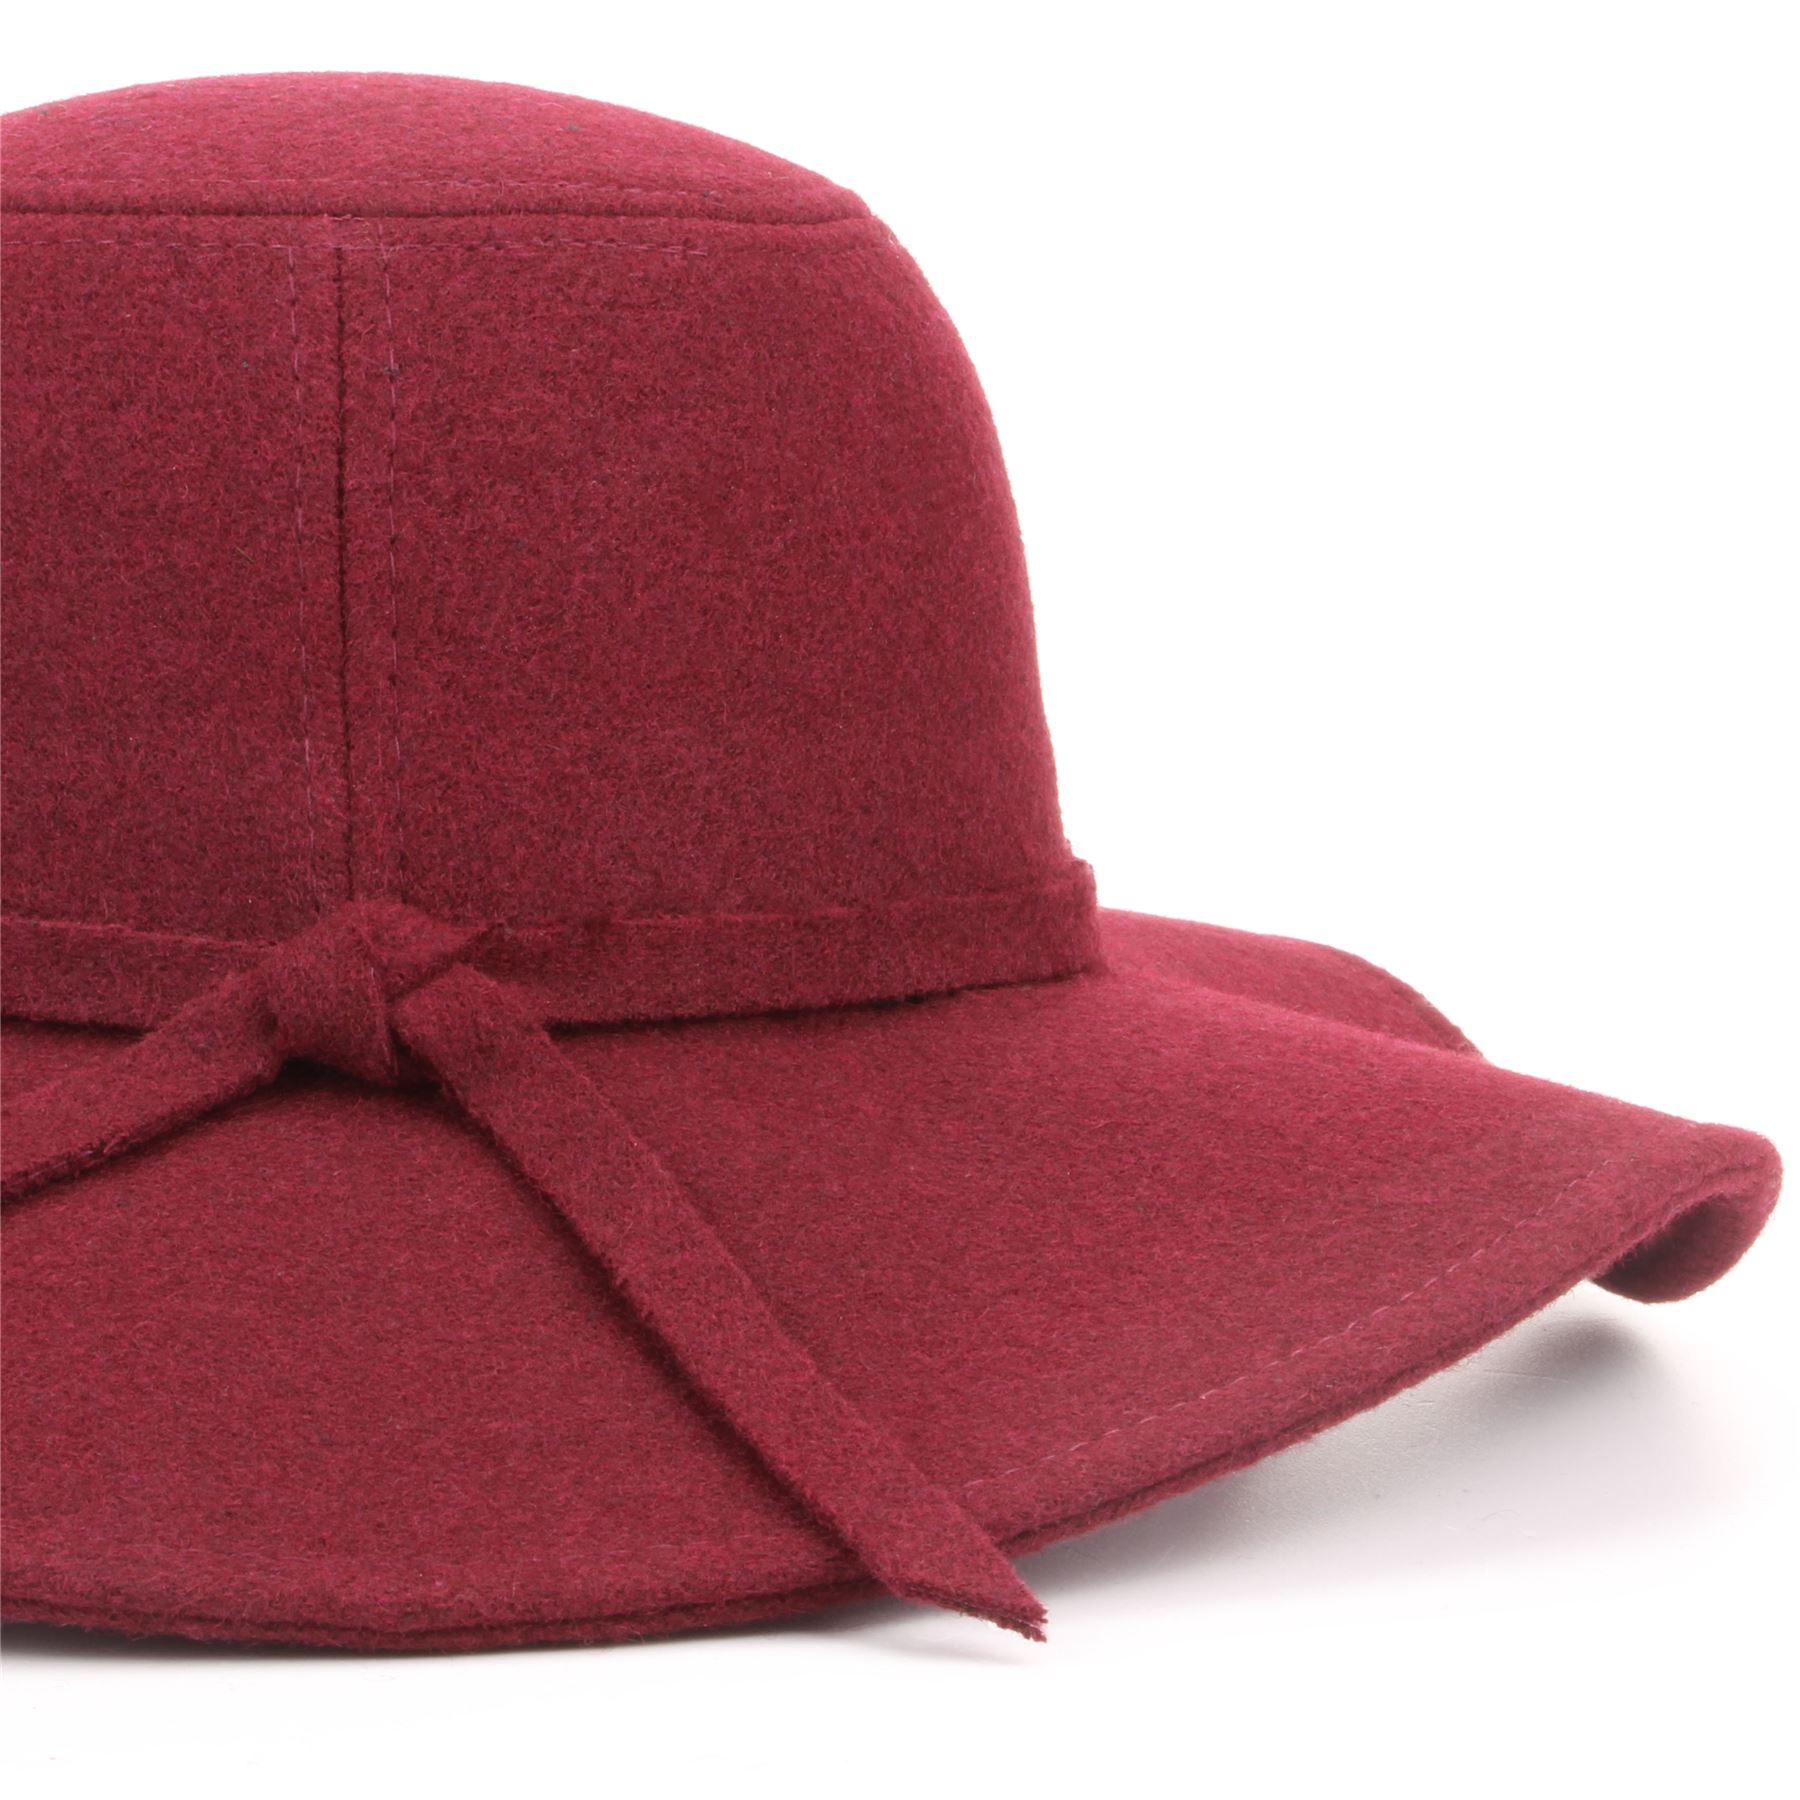 Wool Felt Floppy Hat Wide Brim Hawkins Cloche Fedora Cap Cloche ... 0923b4ef1f2c